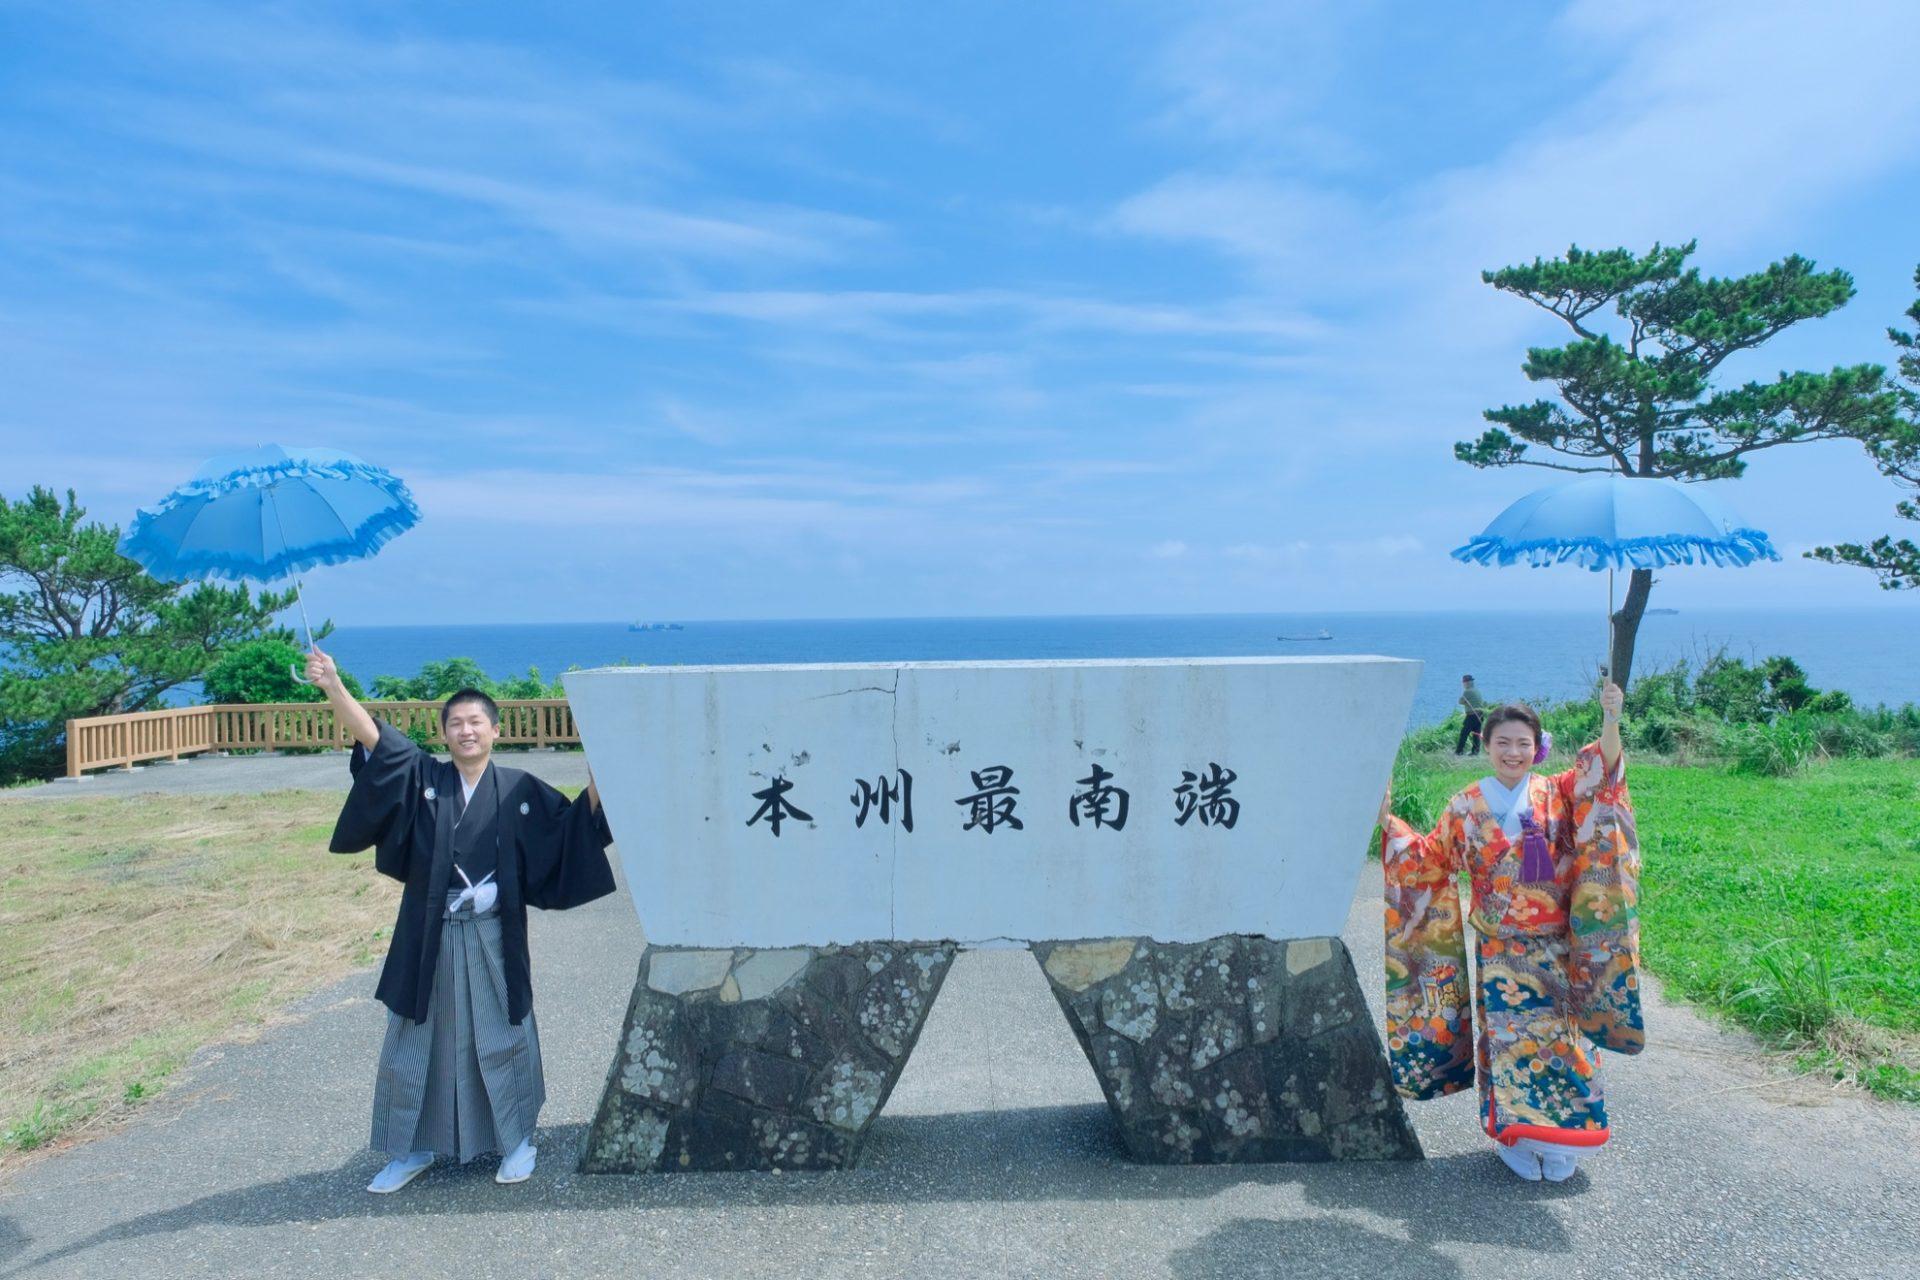 串本町の潮岬で前撮り